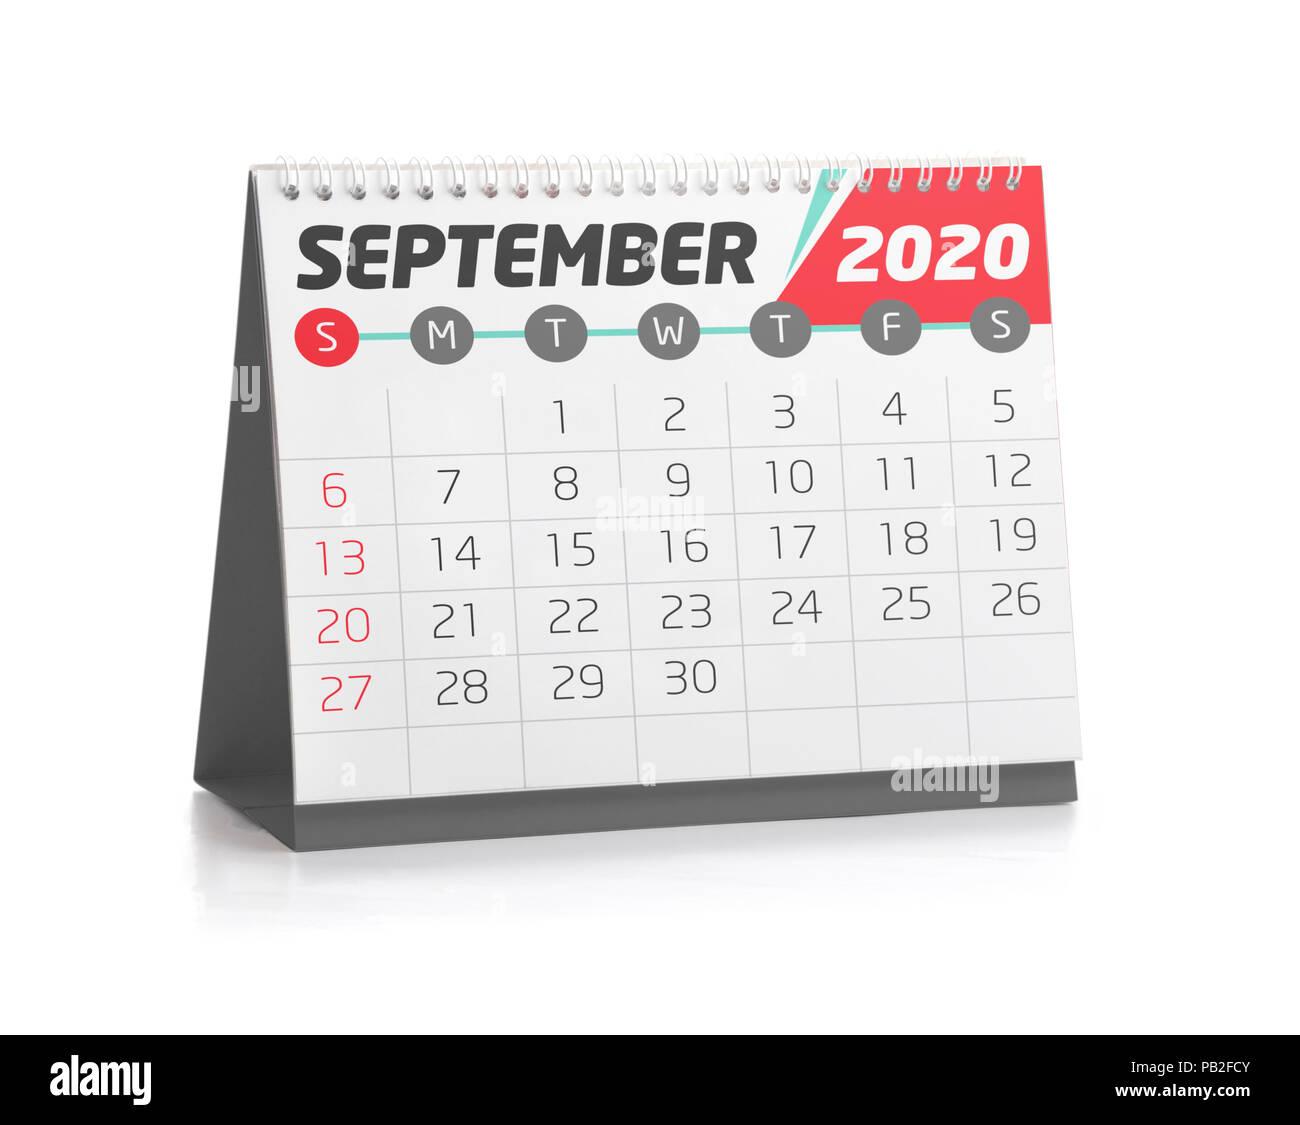 Office Calendar 2020 September White Office Calendar 2020 Isolated on White Stock Photo